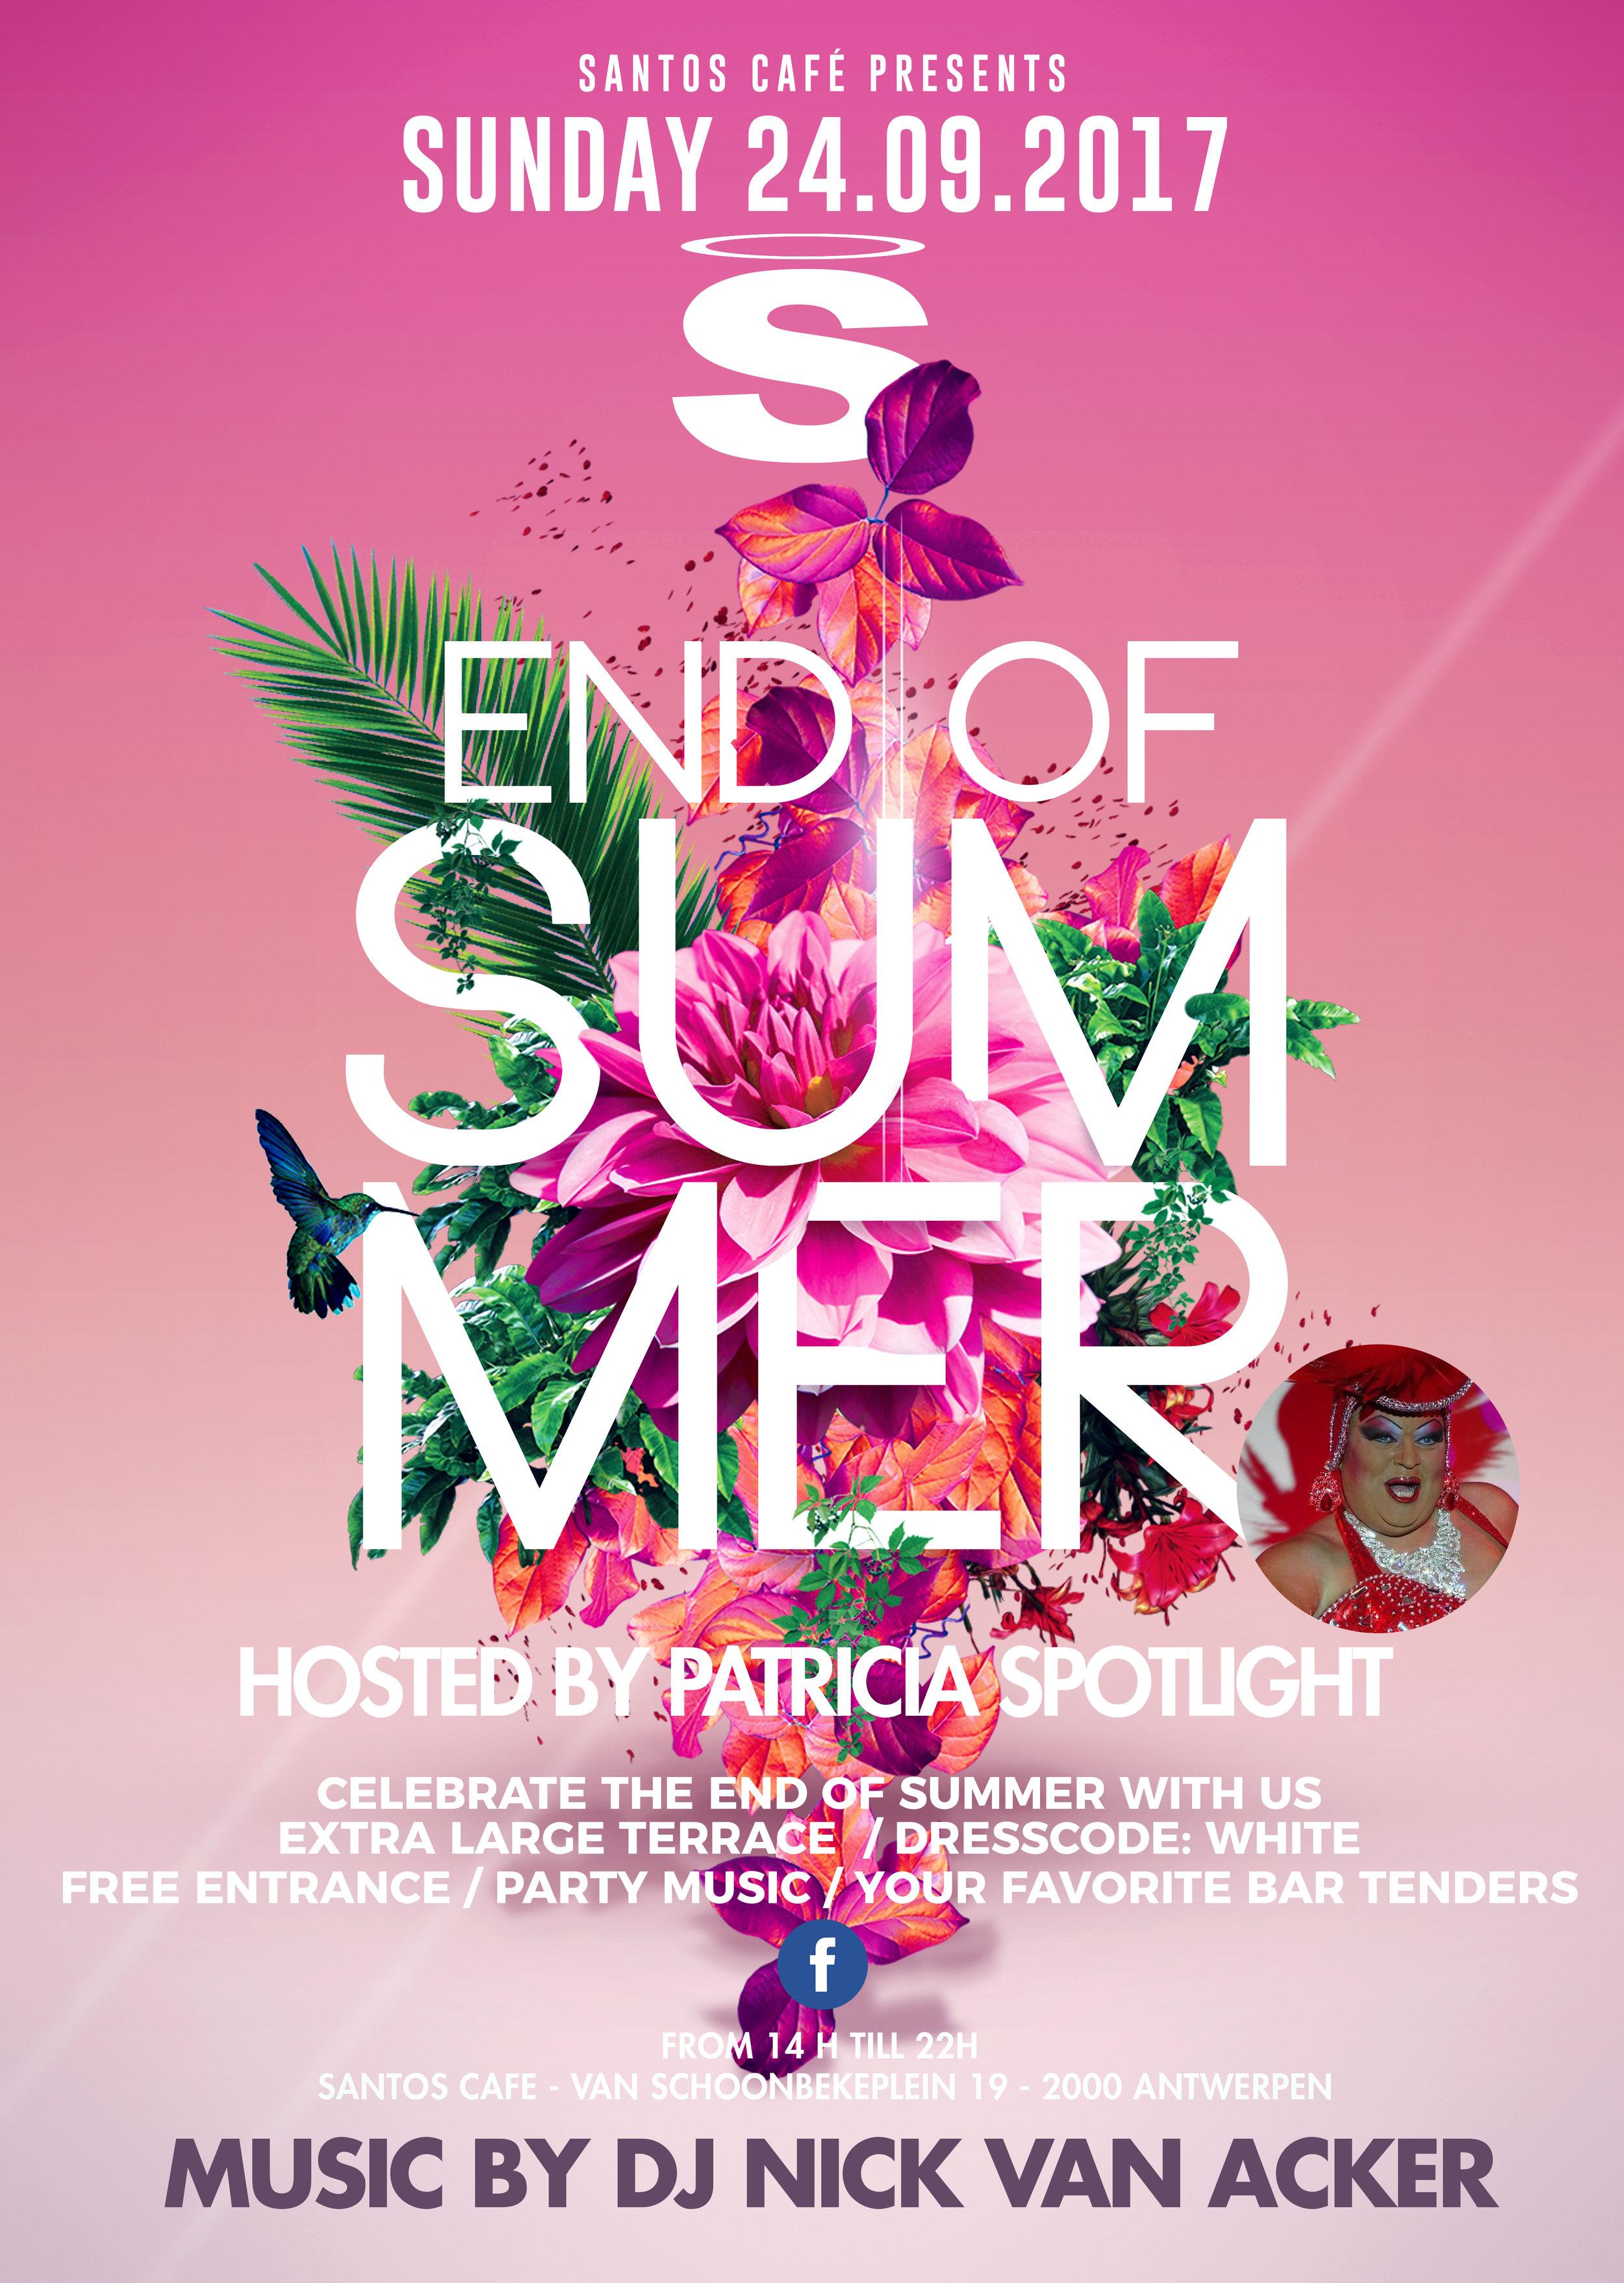 End of Summer - Een zomer, hij vliegt vaak voorbij je het weet. Geen nood, bij Santos Café weten we perfect je zomer in stijl af te sluiten en je helemaal warm te maken voor de herfst. Op het einde van september, verwelkomen je graag op ons End Of Summer Event.